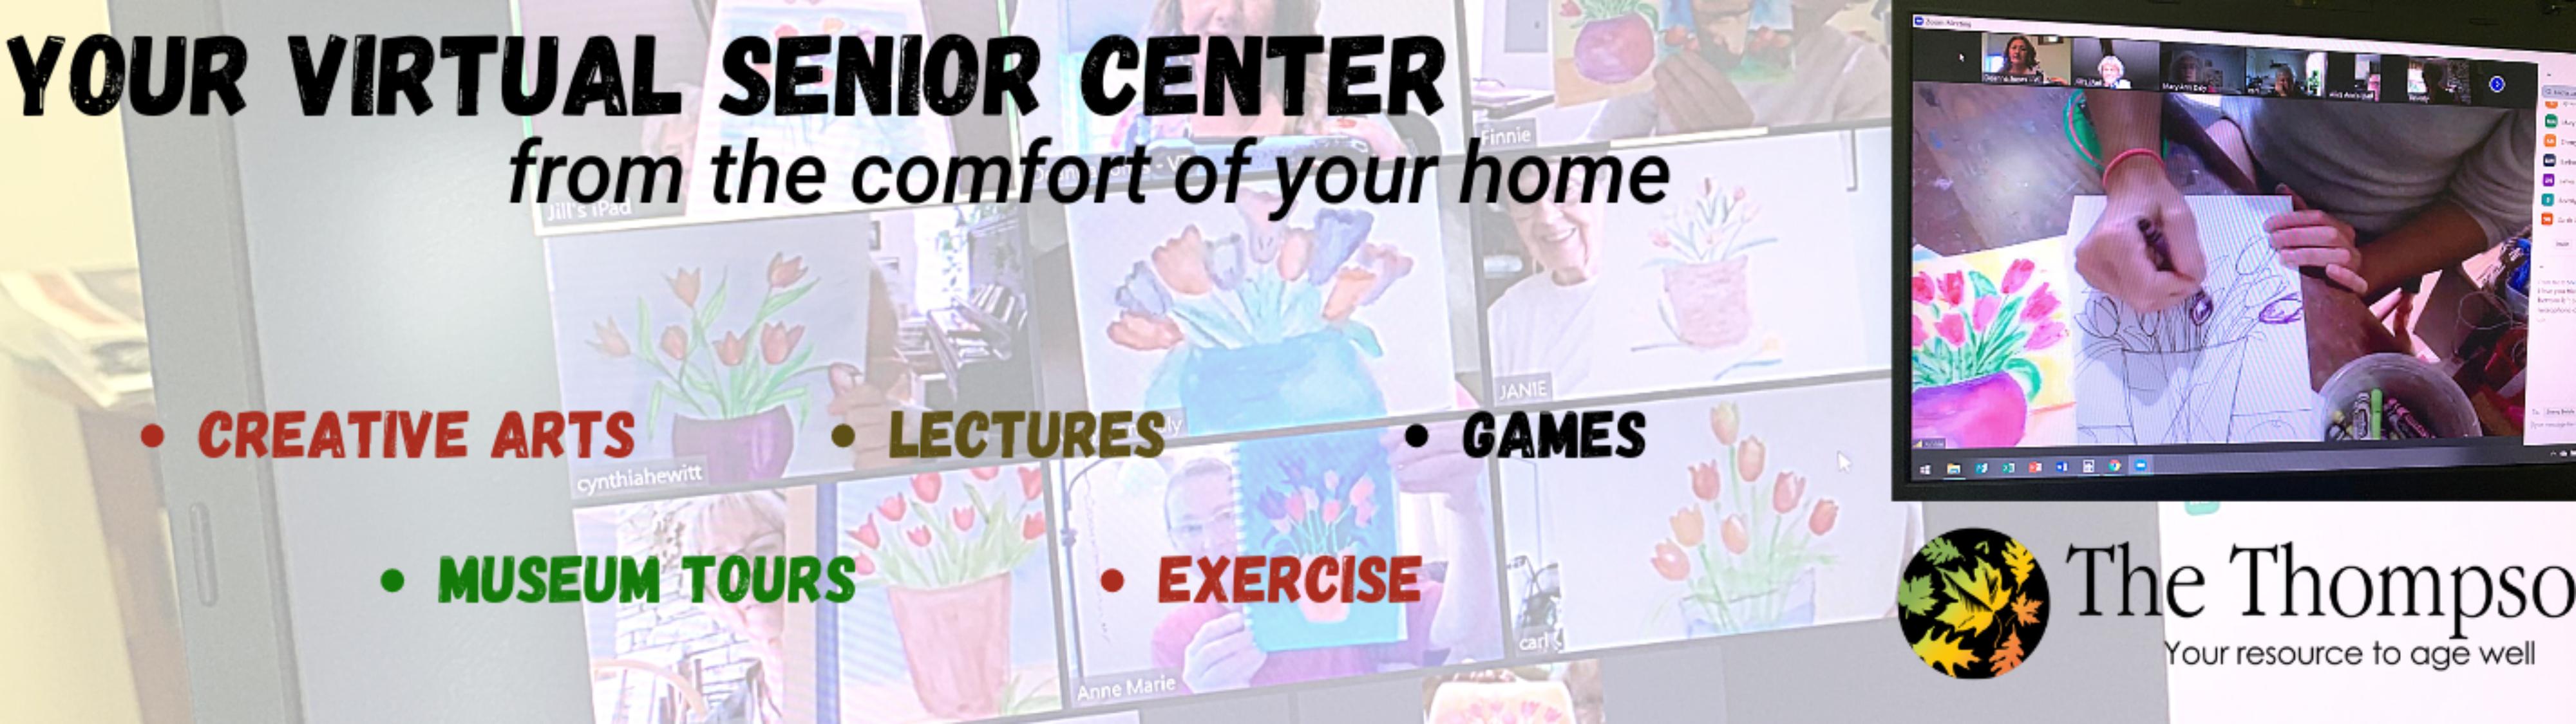 Your virtual senior center slider